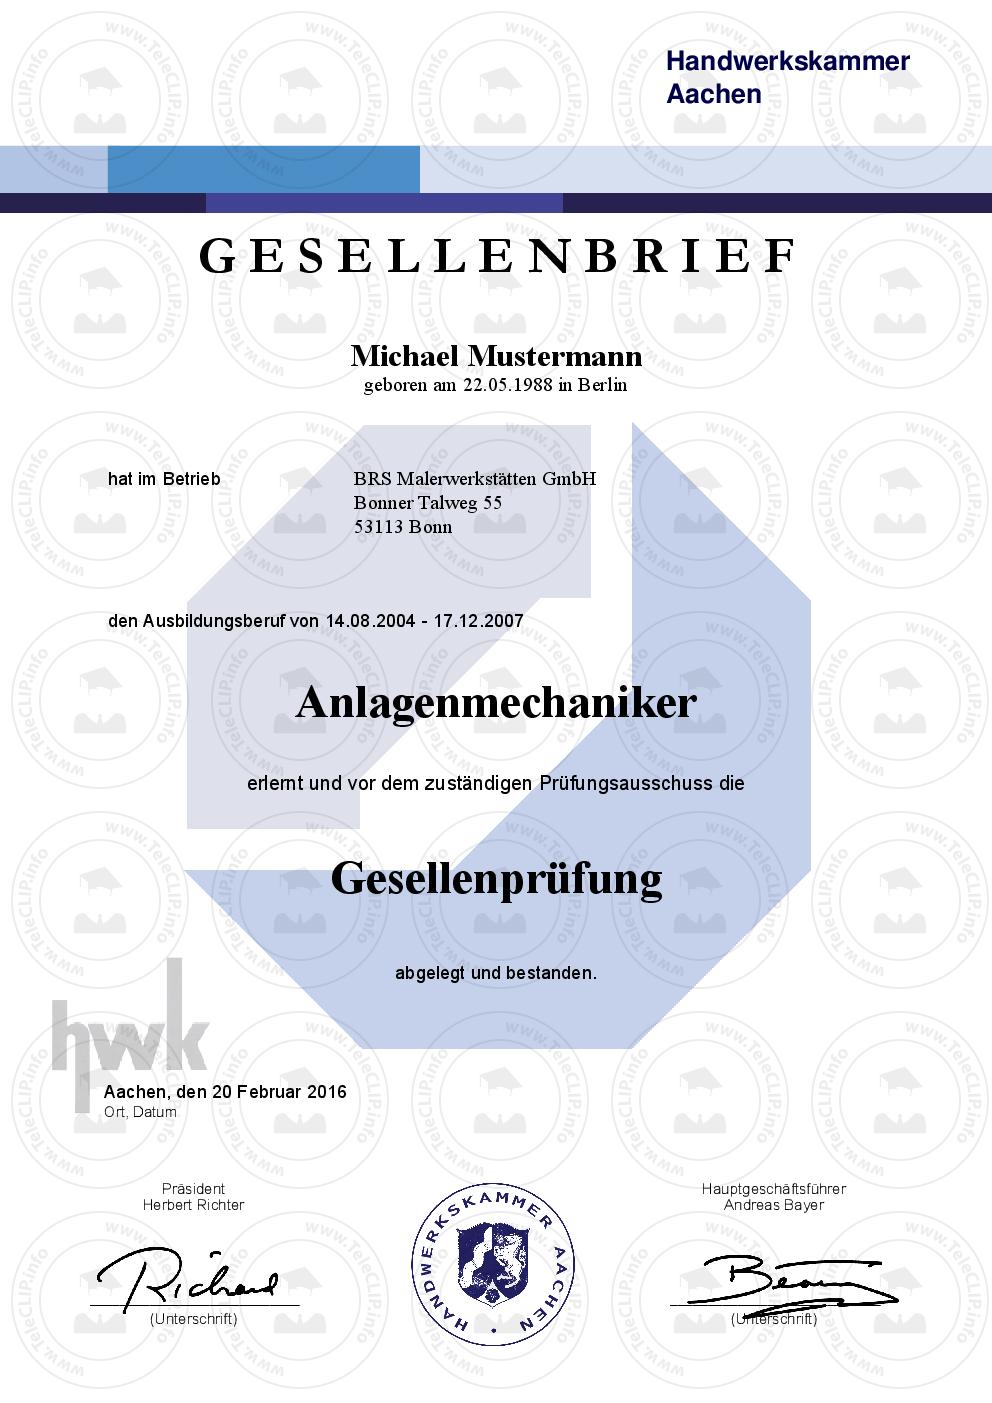 Ausbildungsberufe Handwerksberufe Urkunden Von A Bis Z Berufszertifikate Diplome